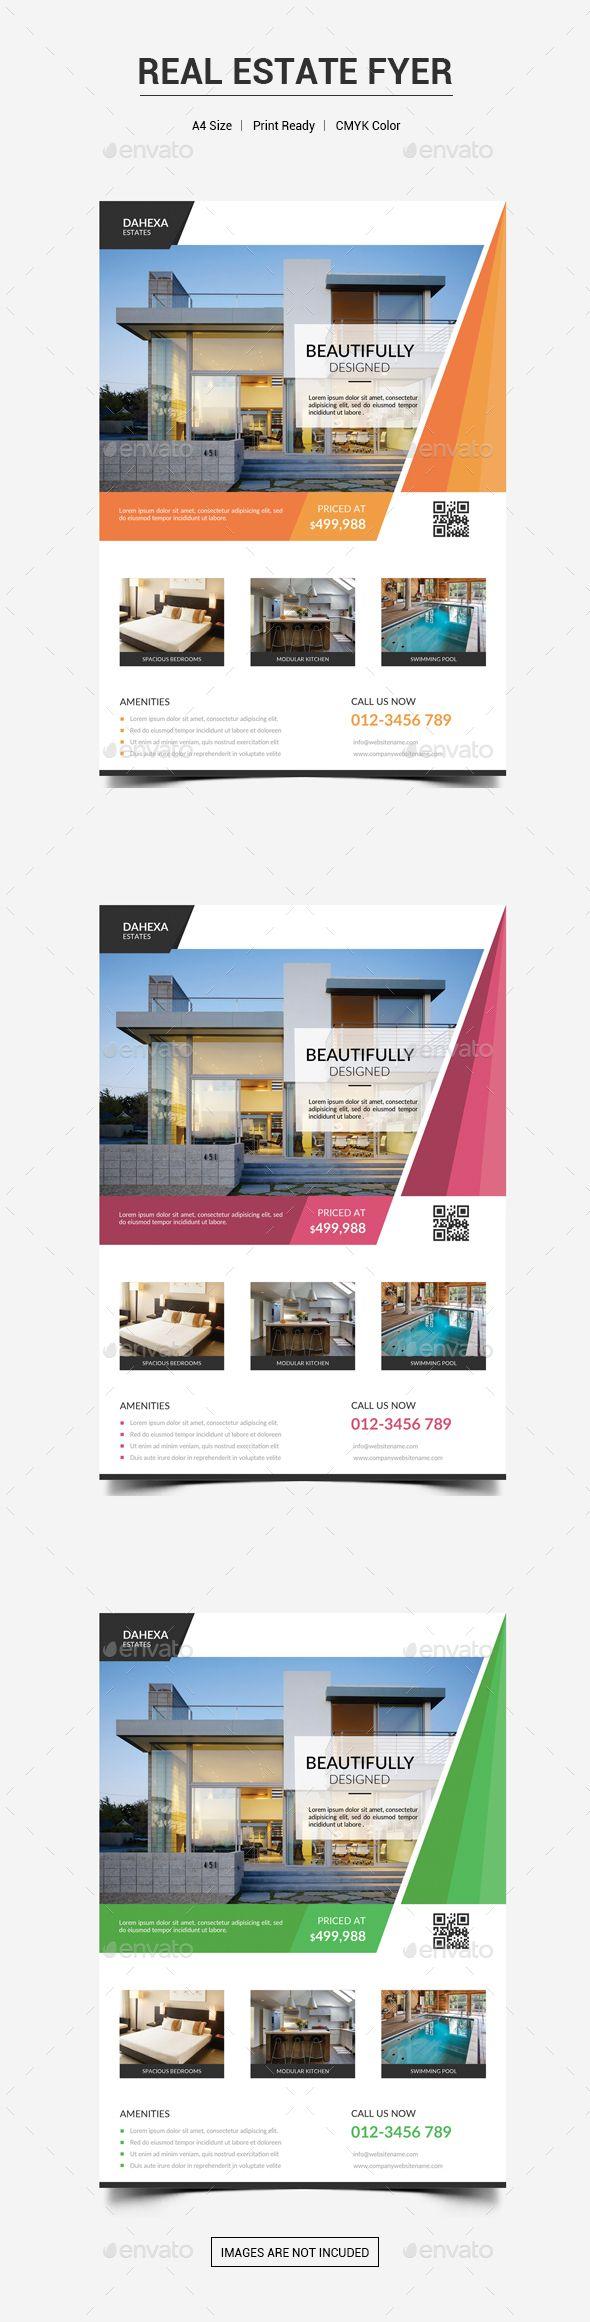 Real Estate Flyer V Pinterest Real Estate Flyers Flyer - Photoshop real estate flyer templates